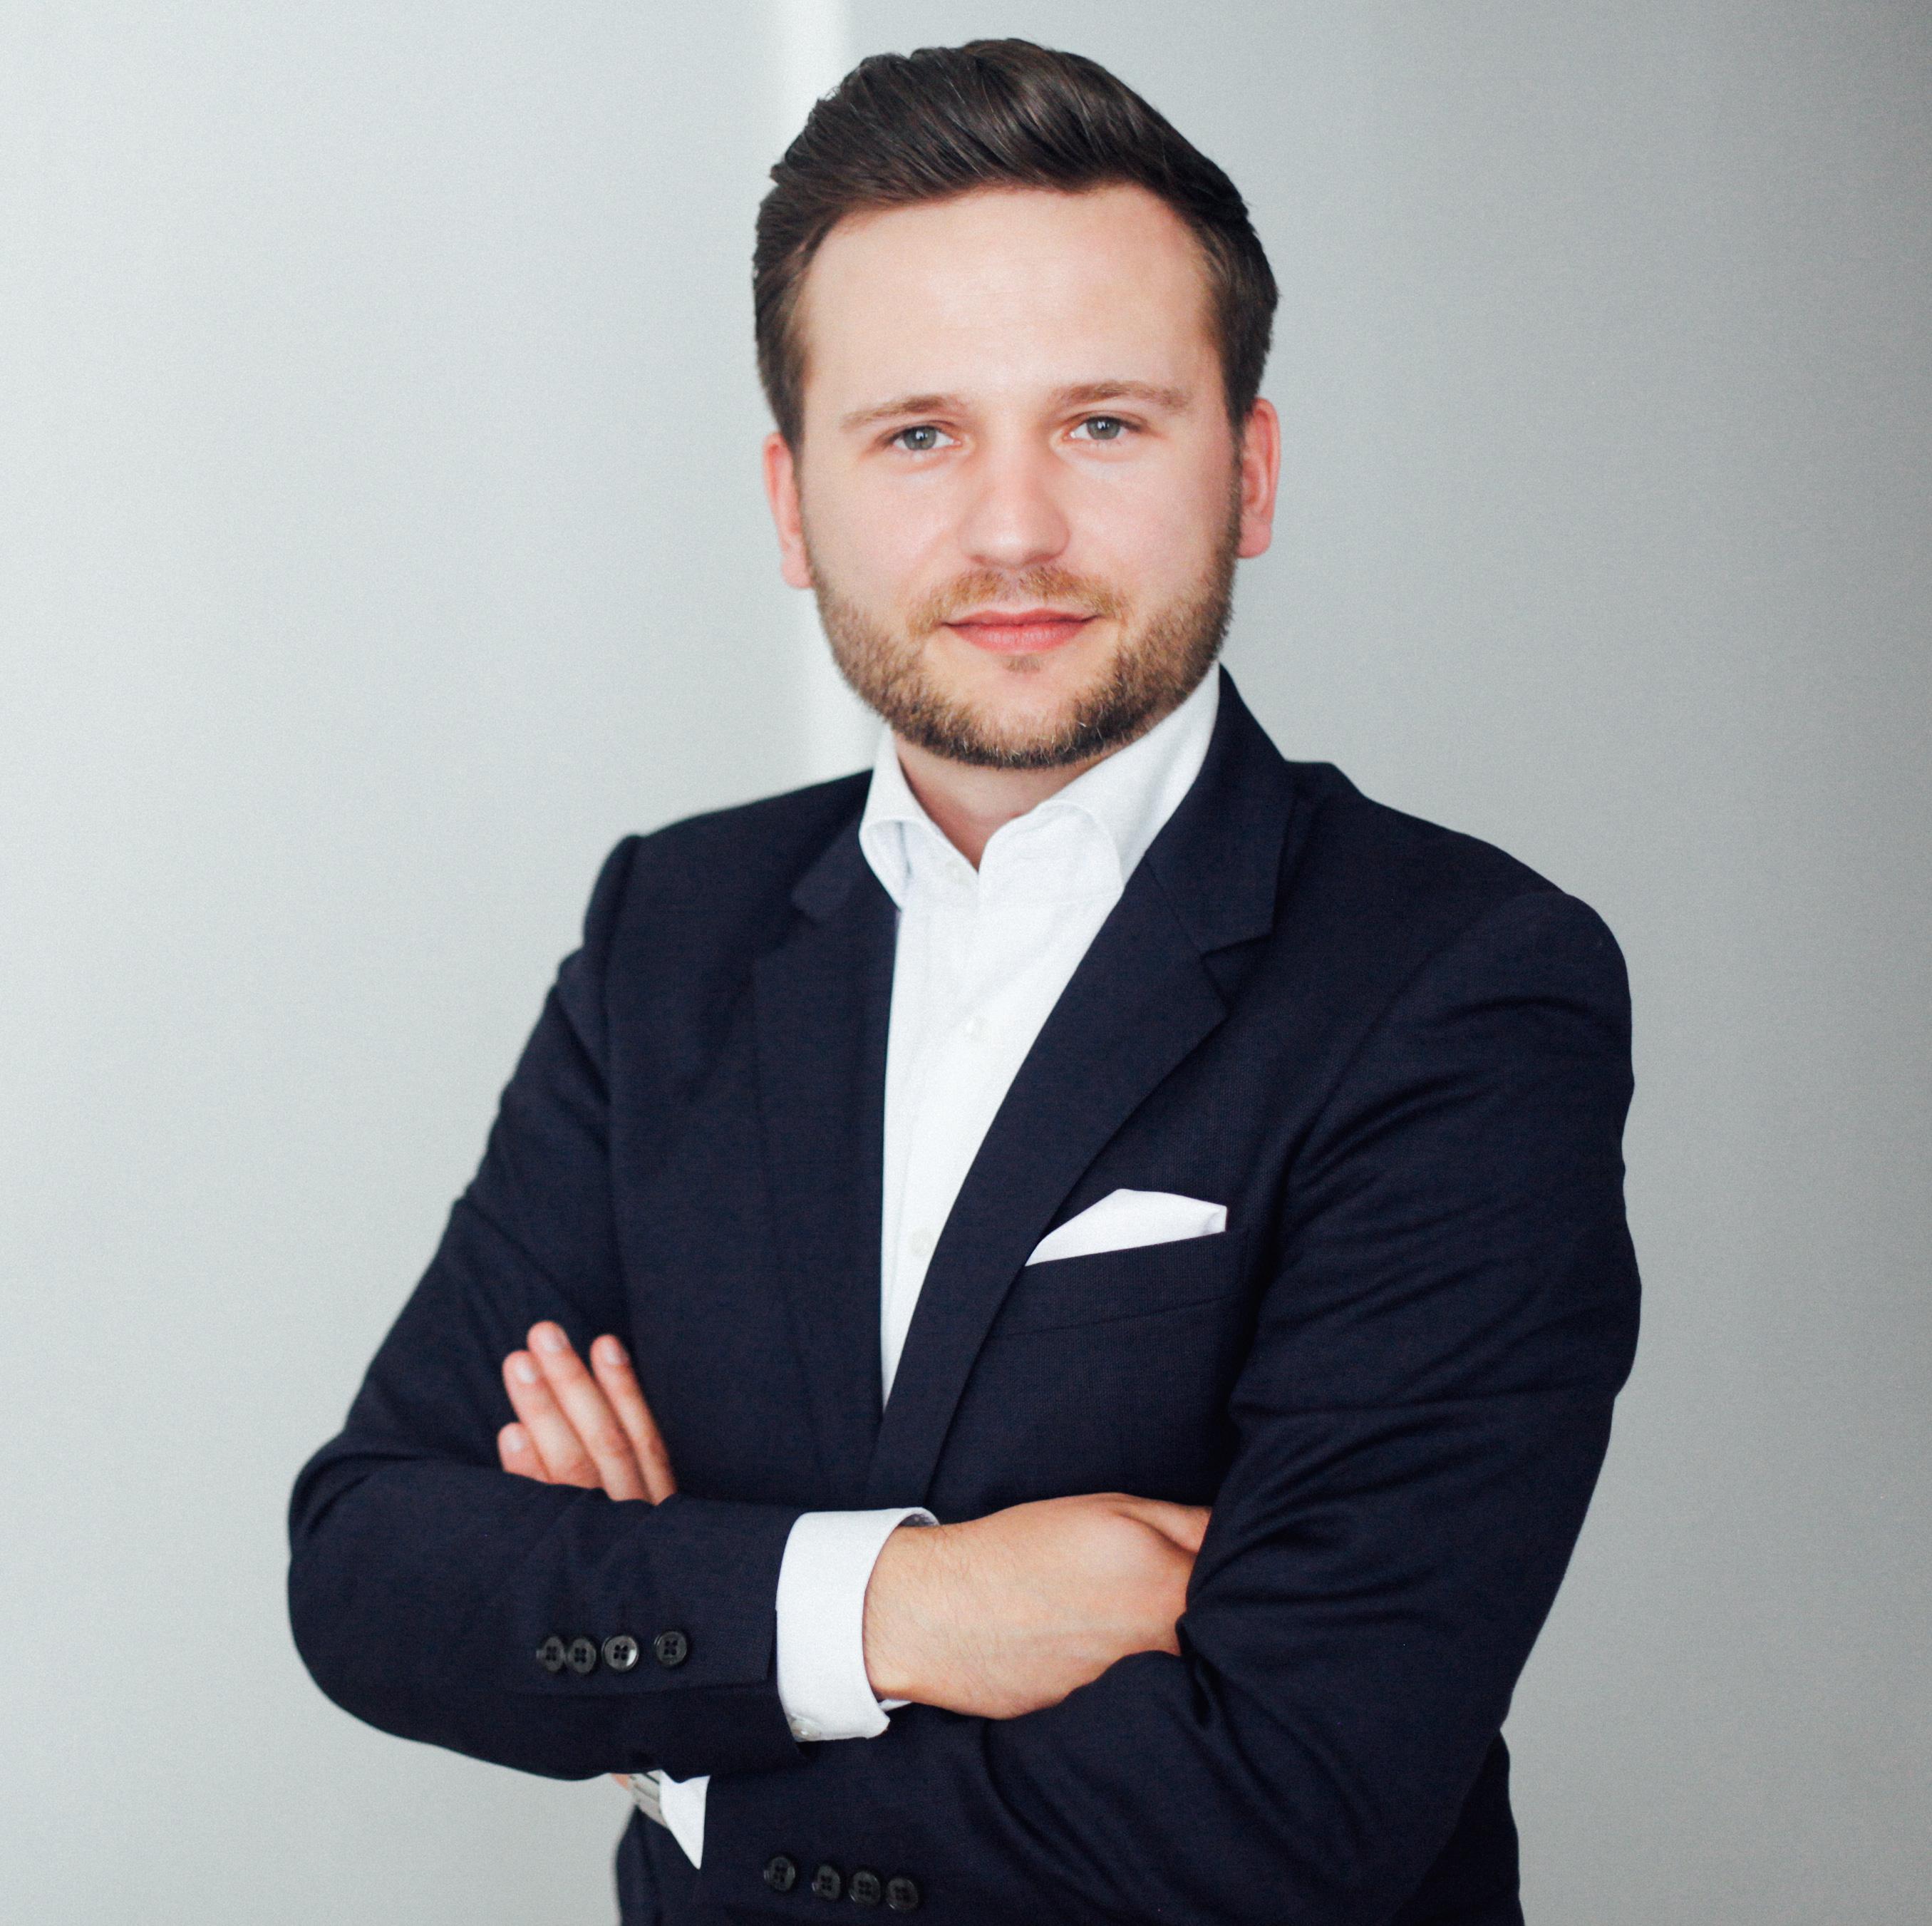 Portrait von Tomasz Kosecki